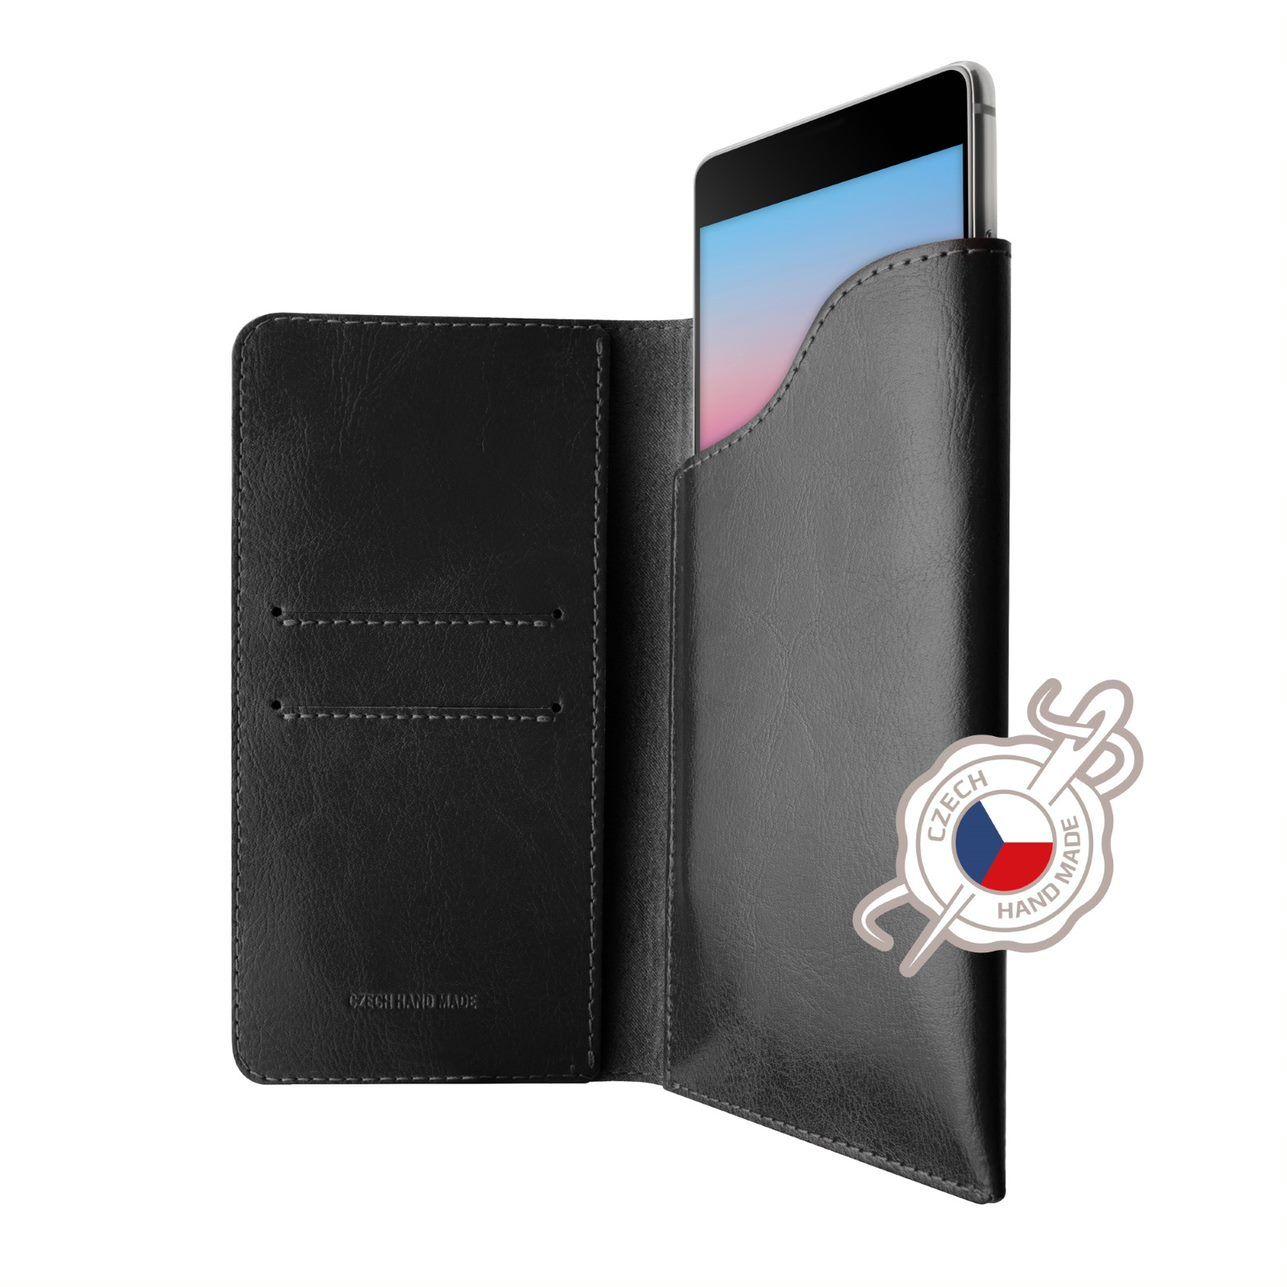 FIXED Pocket Book Kožené pouzdro pro Apple iPhone 6/6s/7/8, černé